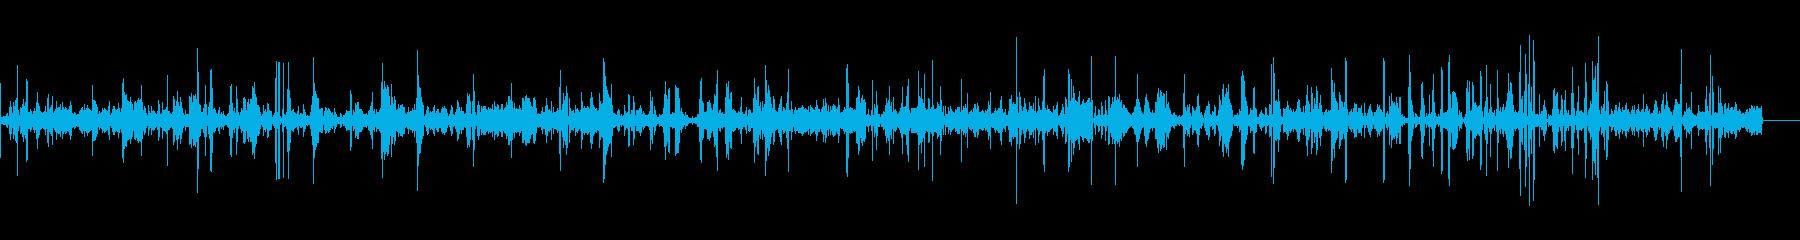 チューニング; Am Broadc...の再生済みの波形